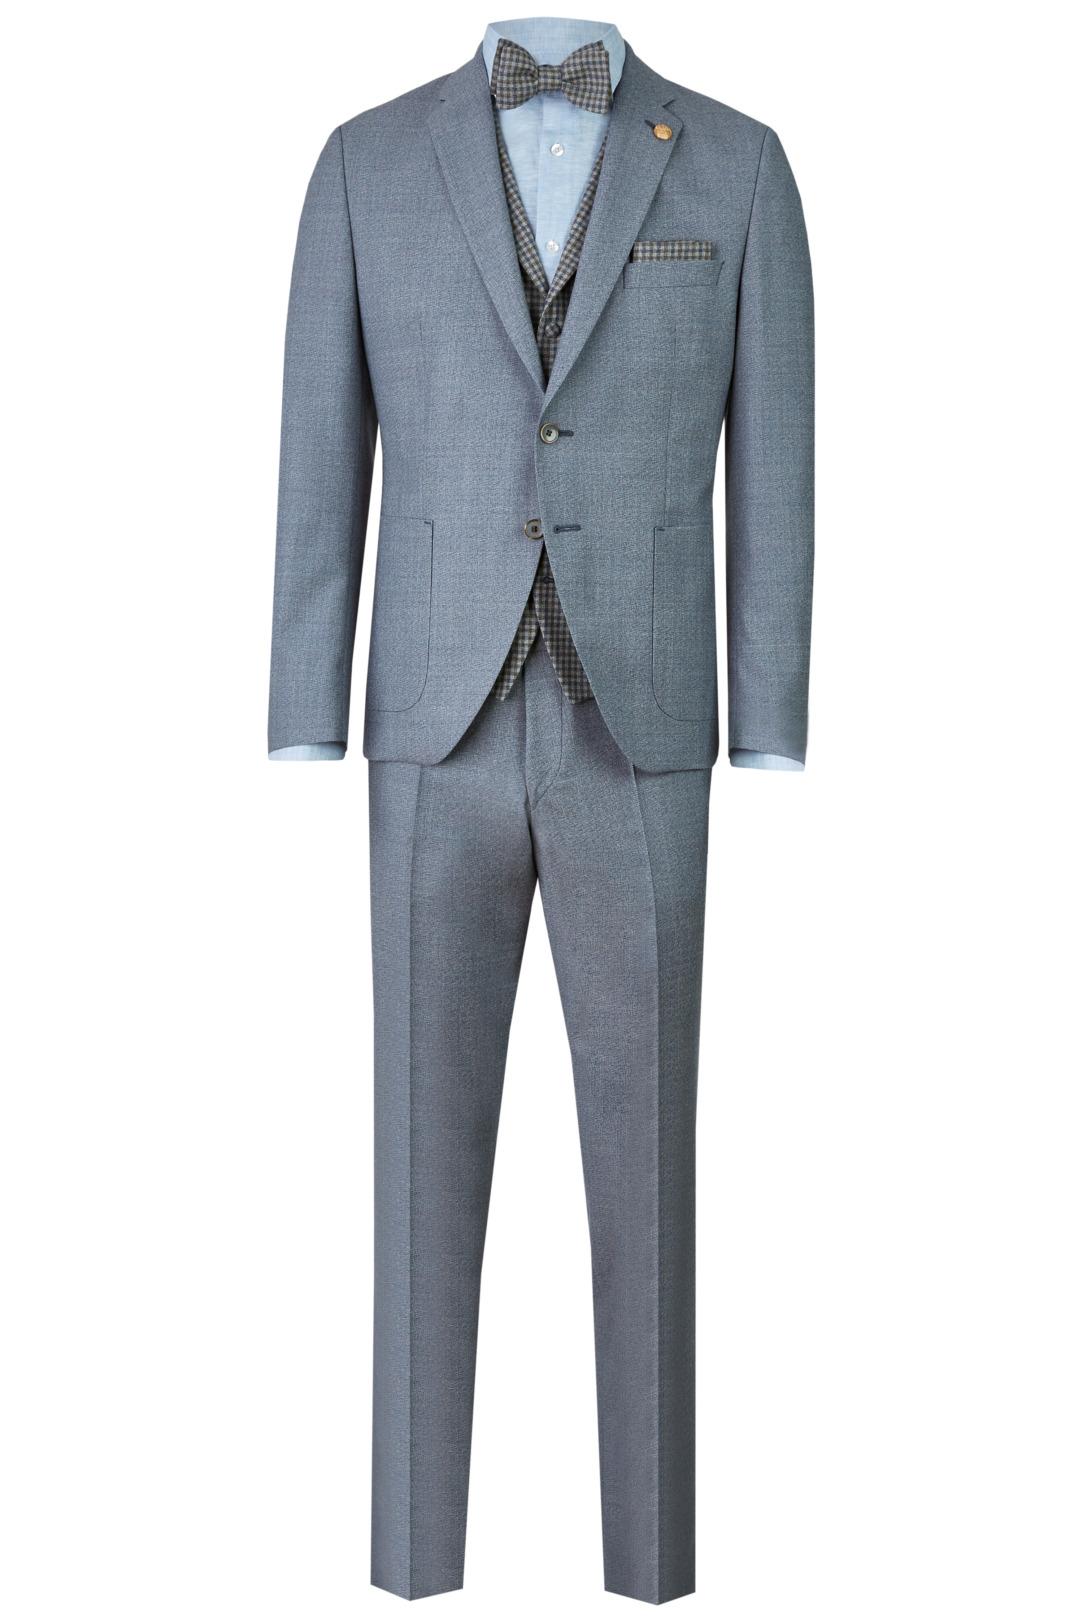 Wilvorst Green Wedding Hochzeitsanzug Männer Mode Bräutigam klassische Form vintage boho Stil hellblau blau wil_0121_otf_gw-look-4_1